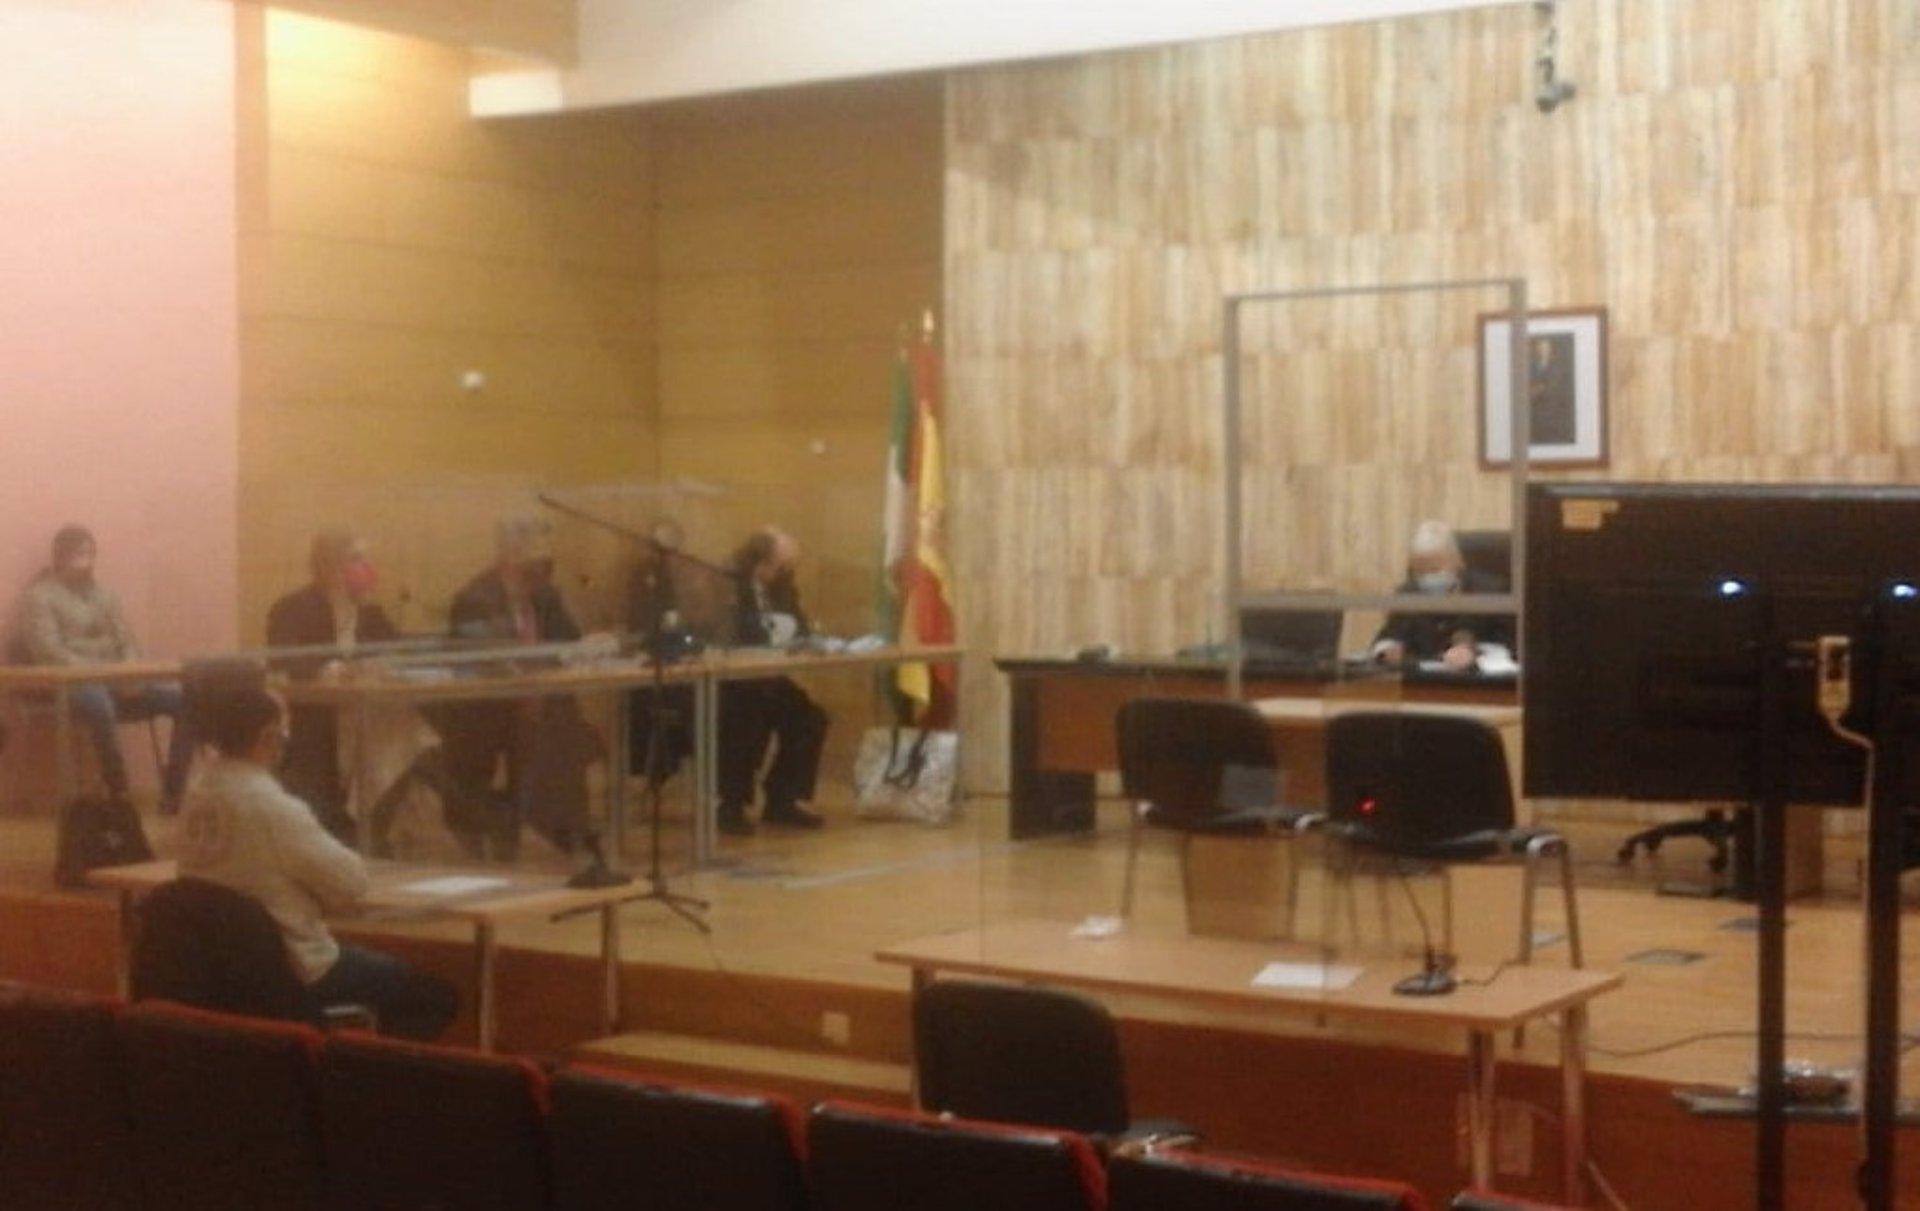 Condenado a 11 años y nueve meses de prisión por matar al marido de su ex en Fuente Vaqueros